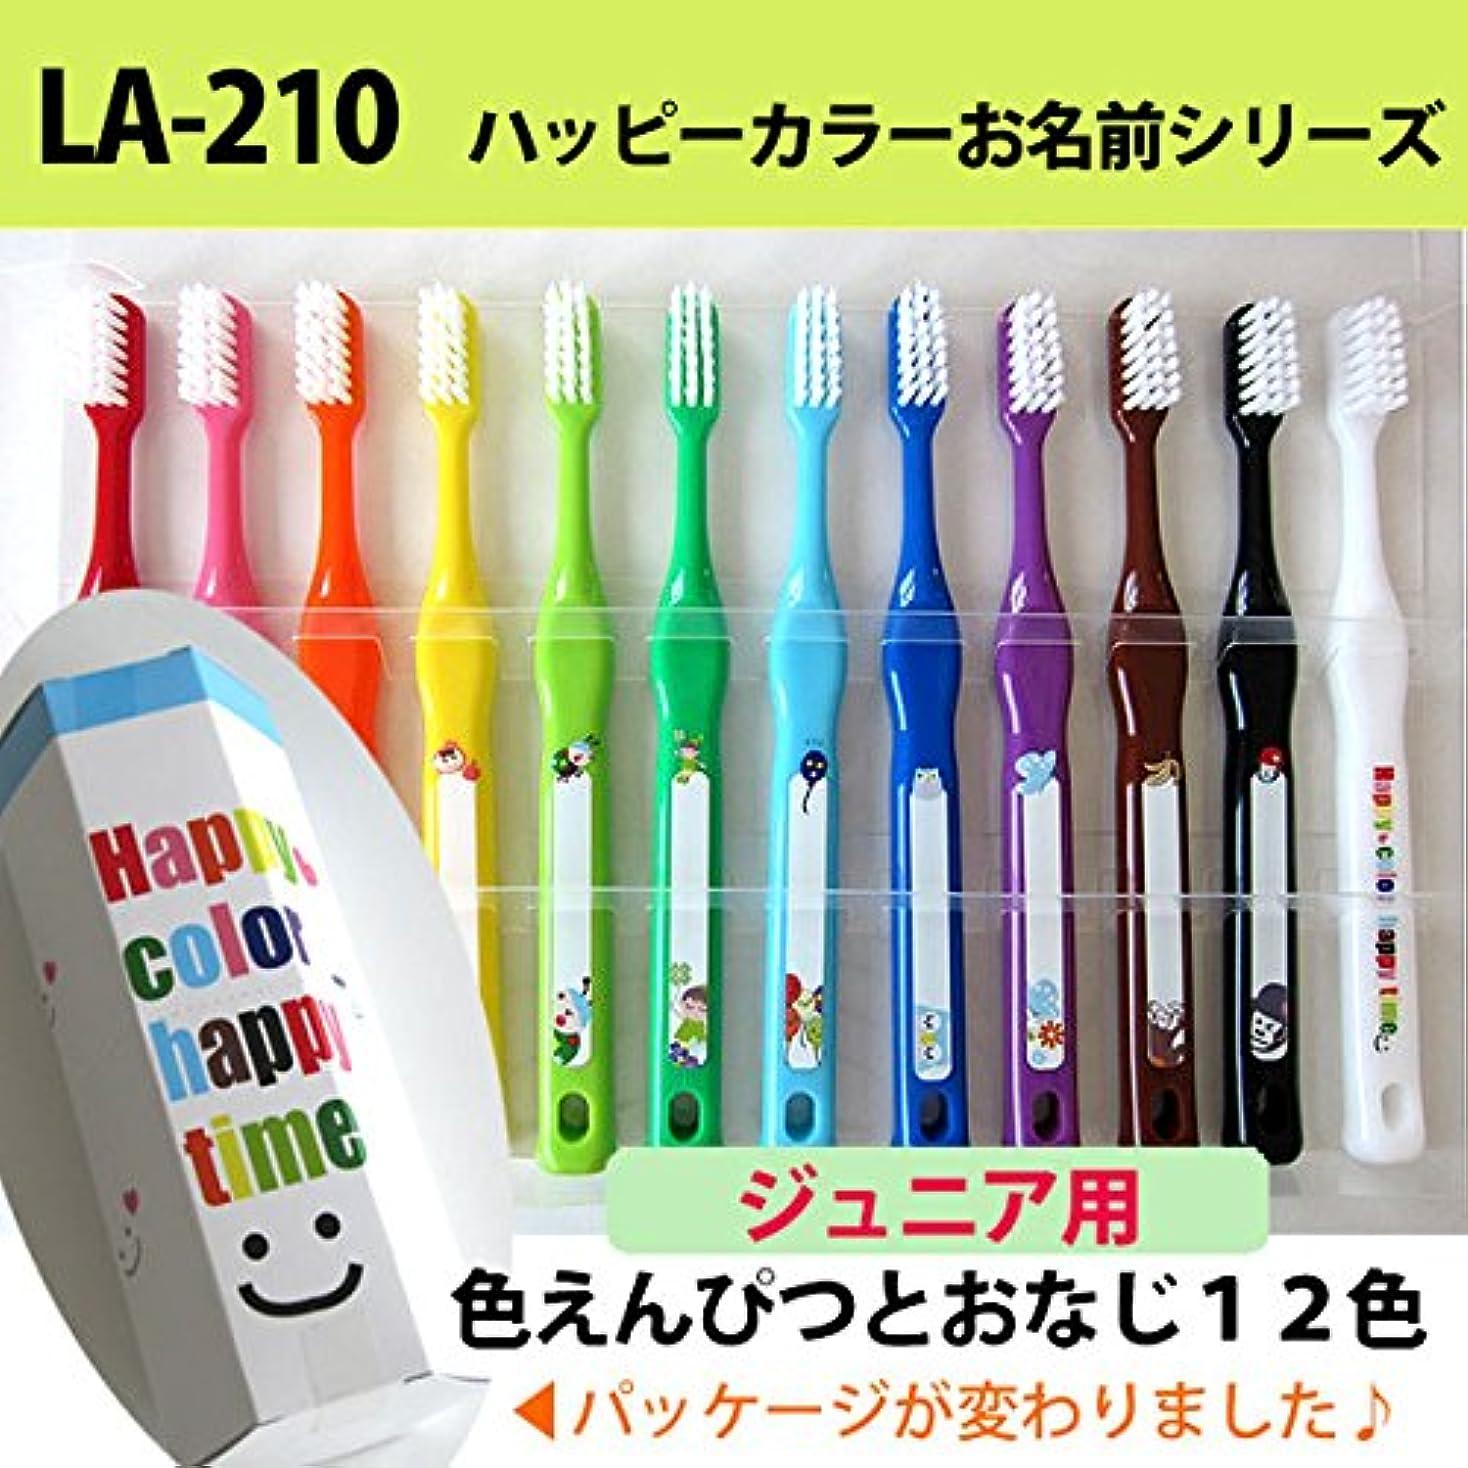 ホテル自分のためにパリティラピス 【歯ブラシ?ジュニア?おなまえシリーズ】【12本入り】ラピス LA-210 ハッピーカラー おなまえシリーズ単品106